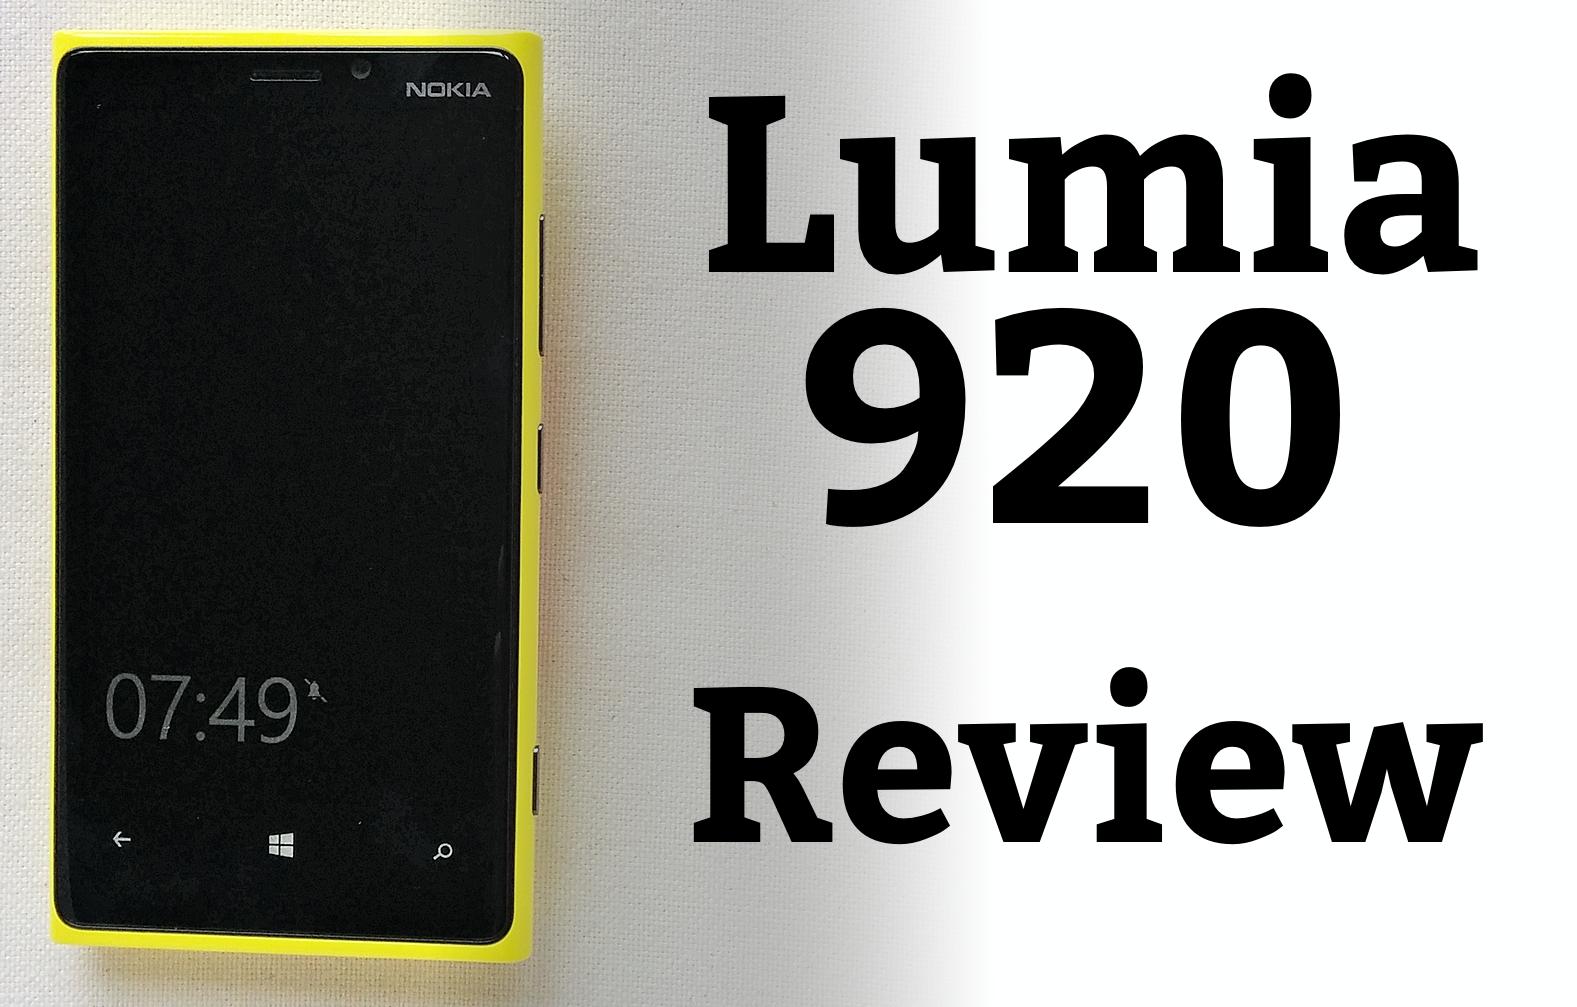 Lumia 920 Review Wie Schlgt Sich Das Noch Flagschiff 2014 Touchscreen Nokia Fast Eineinhalb Jahre Nach Seinem Debt Im November 2012 Ist